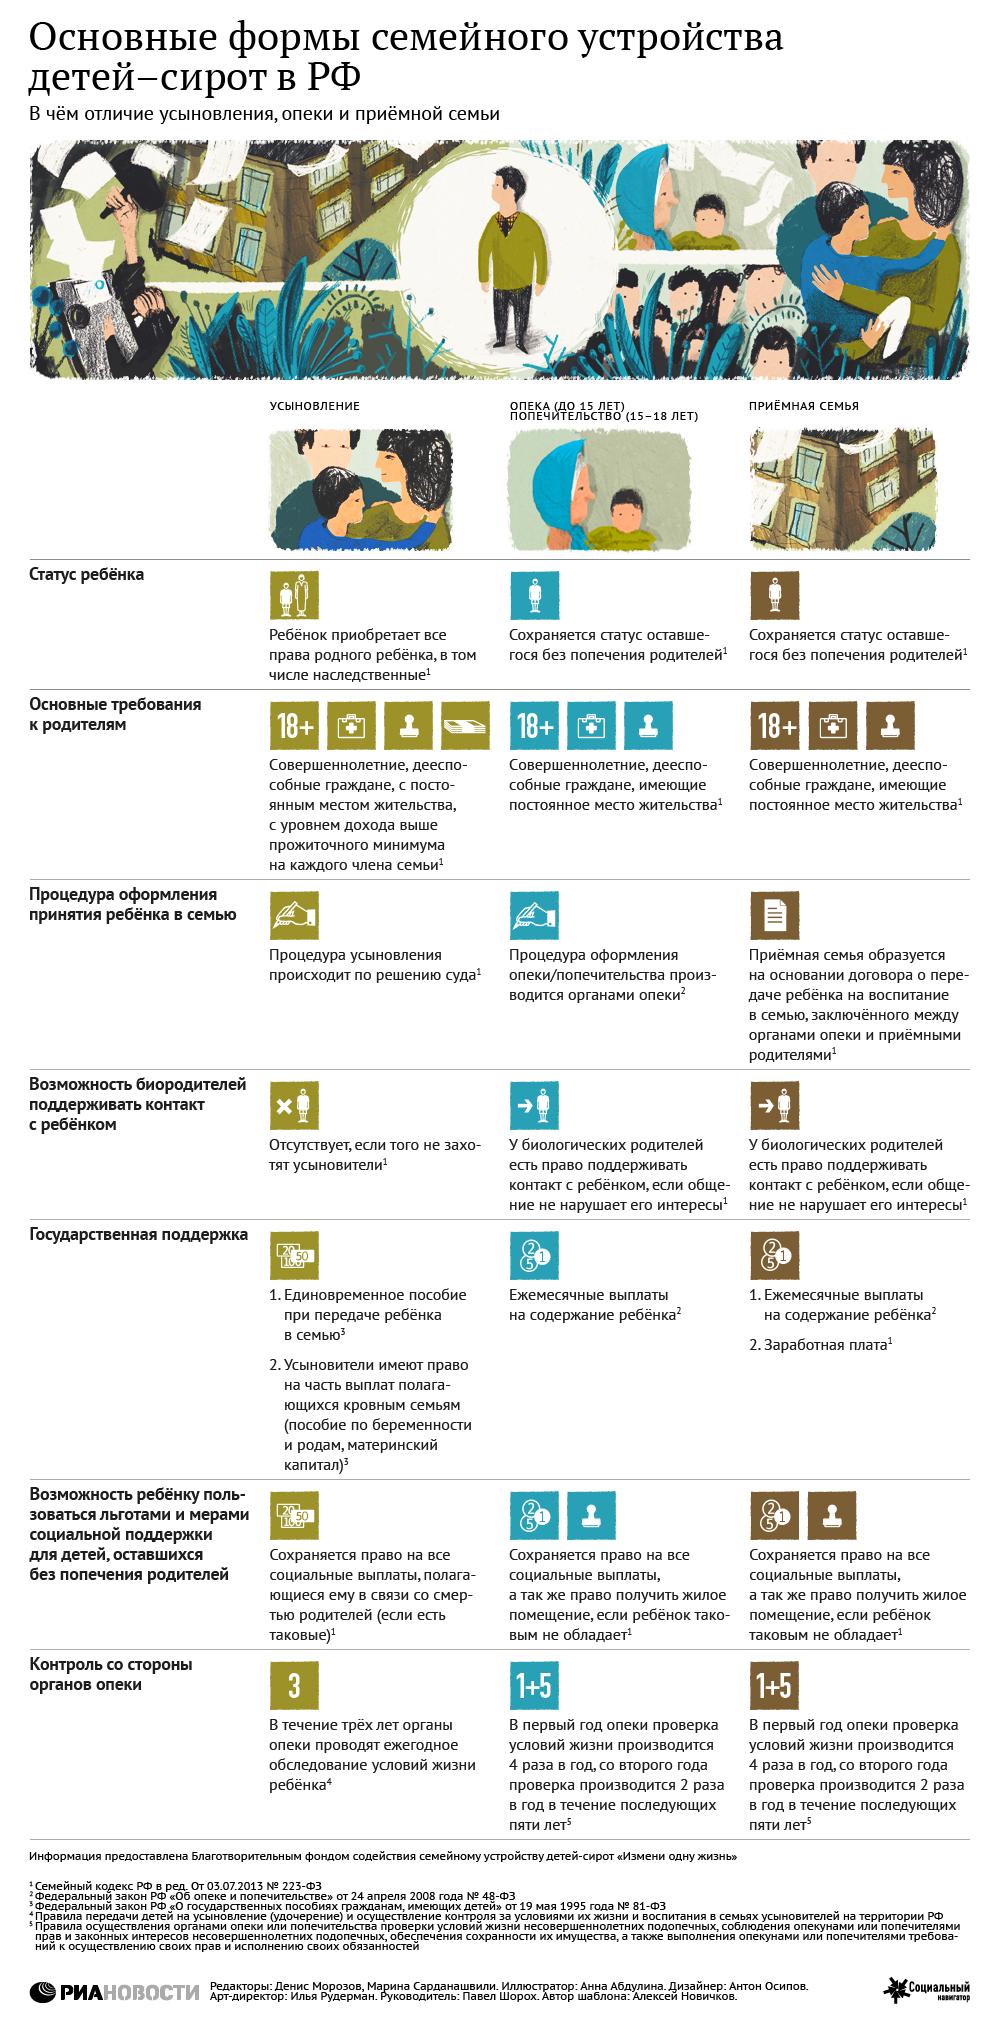 Основные формы семейного устройства детей-сирот в РФ